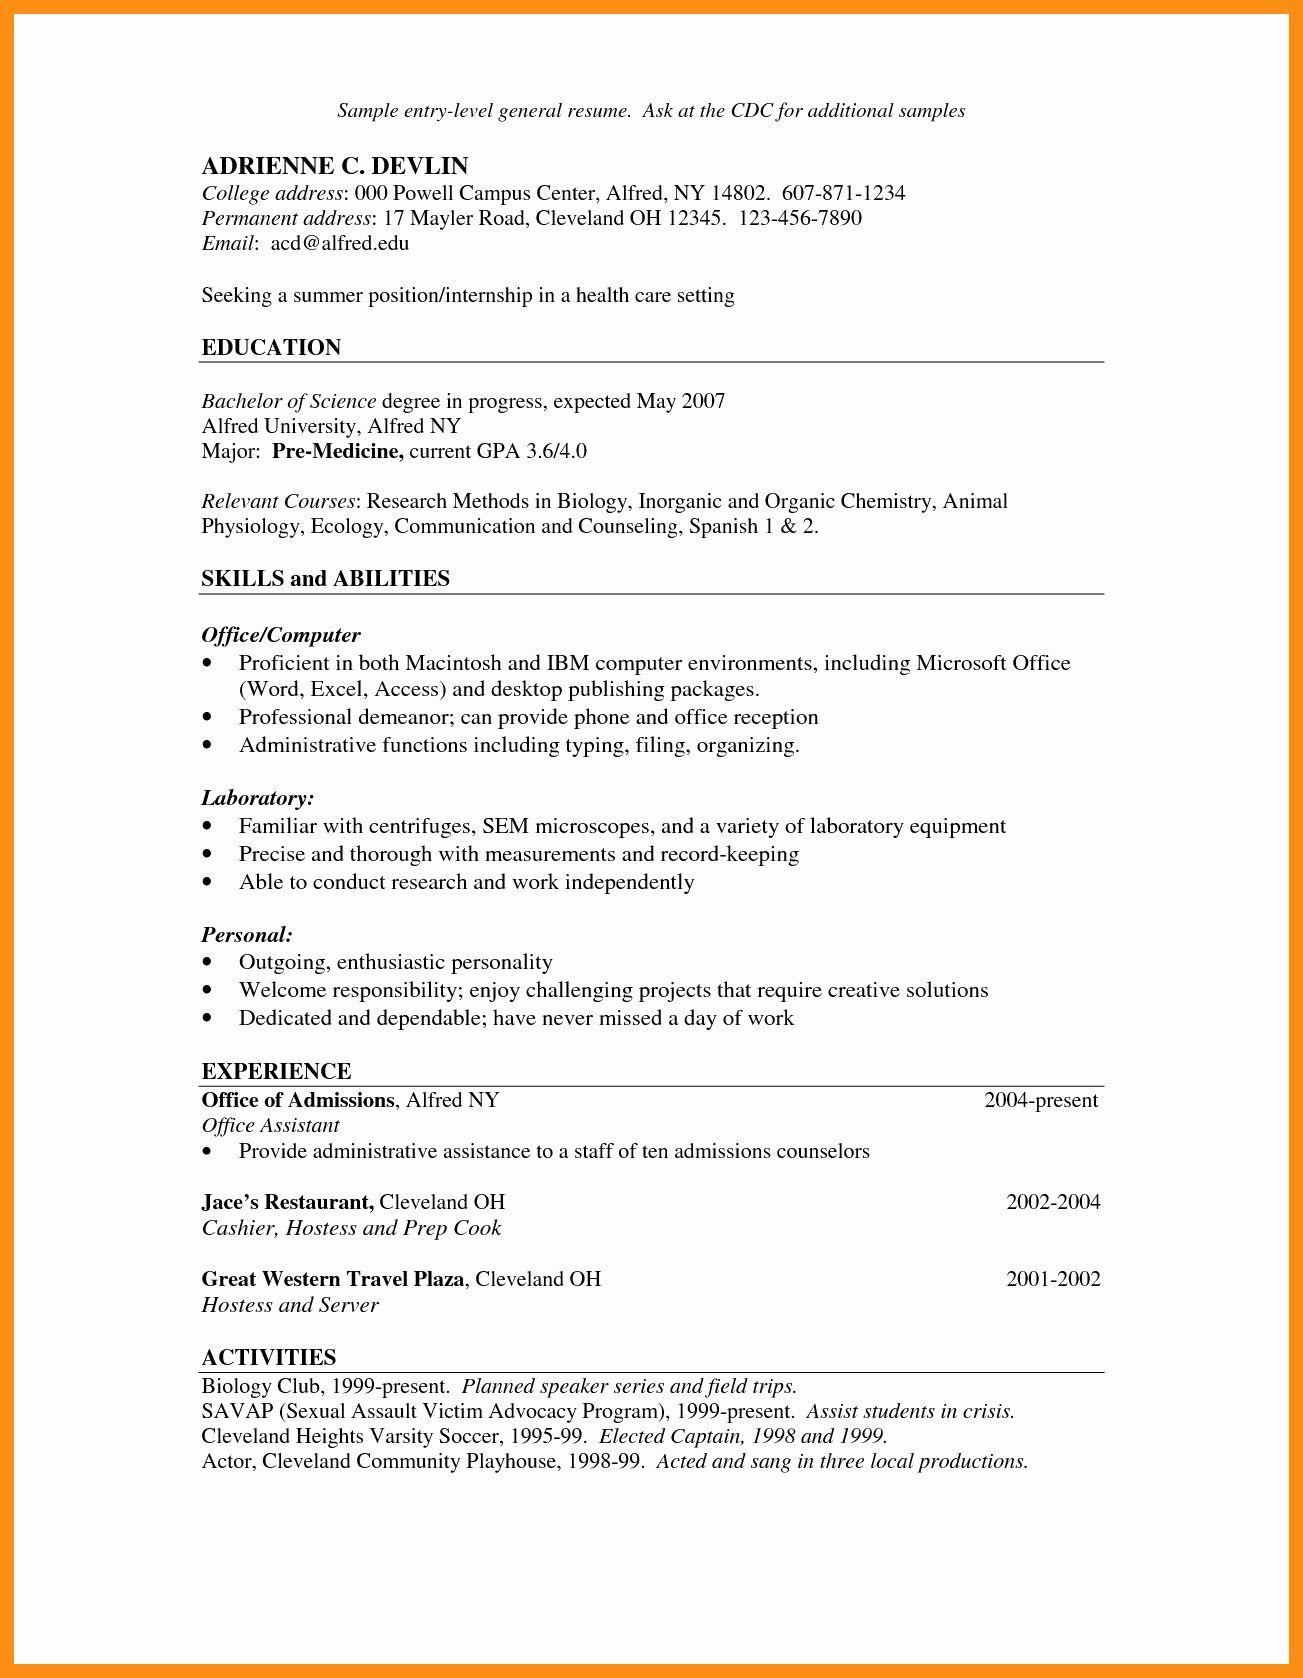 Hostess job description for resume elegant hostess server